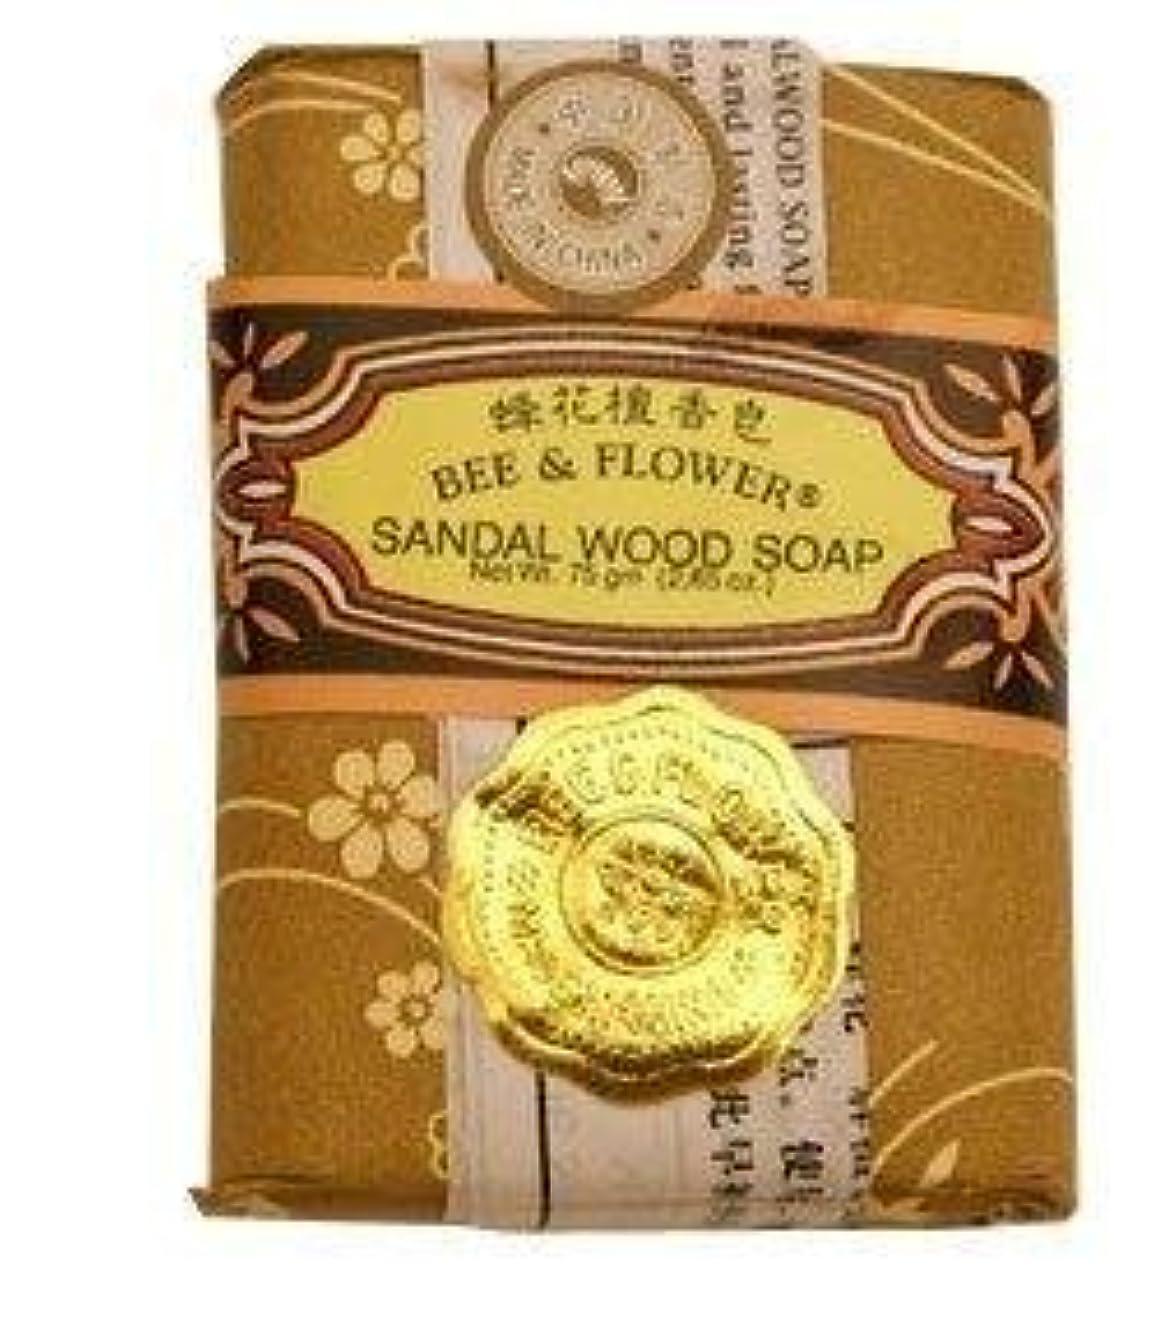 実施する腐敗した境界Bee And Flower Sandal Wood Bar Soap 2.65 Ounce - 12 per case. [並行輸入品]